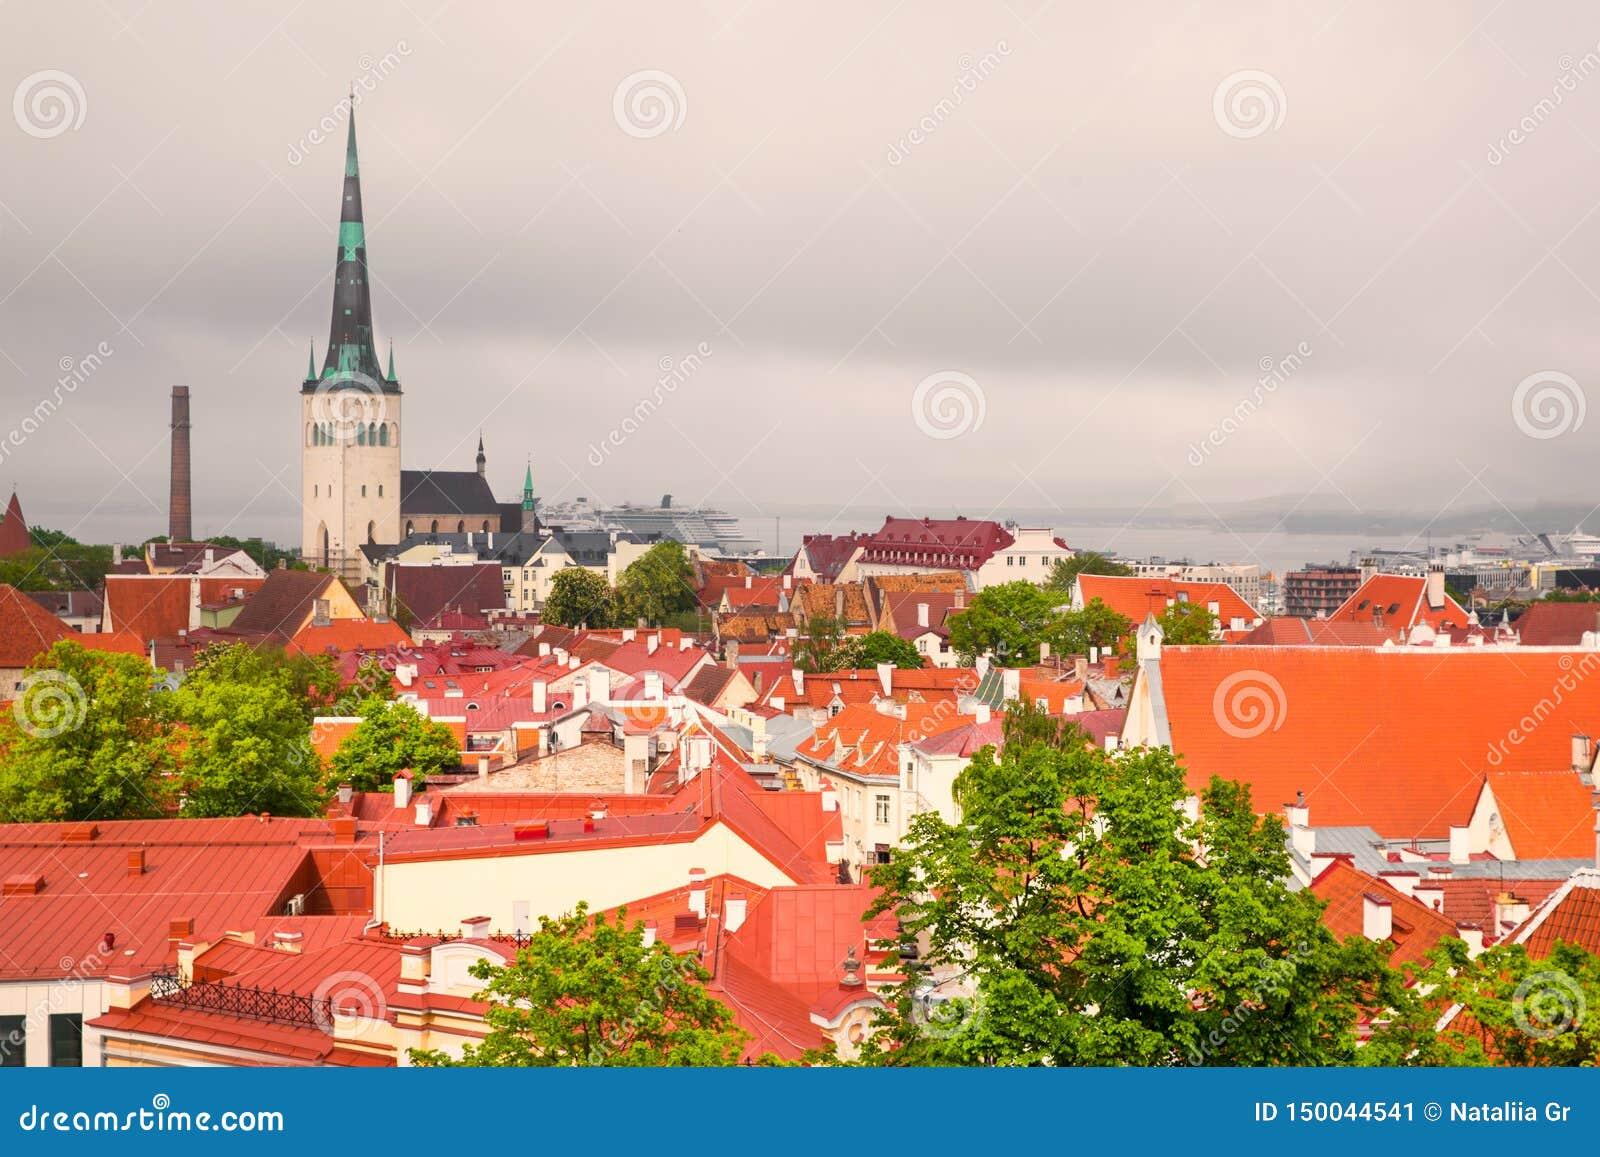 Panorama von Tallinn, Estland Helle Dächer und bewölkter Himmel